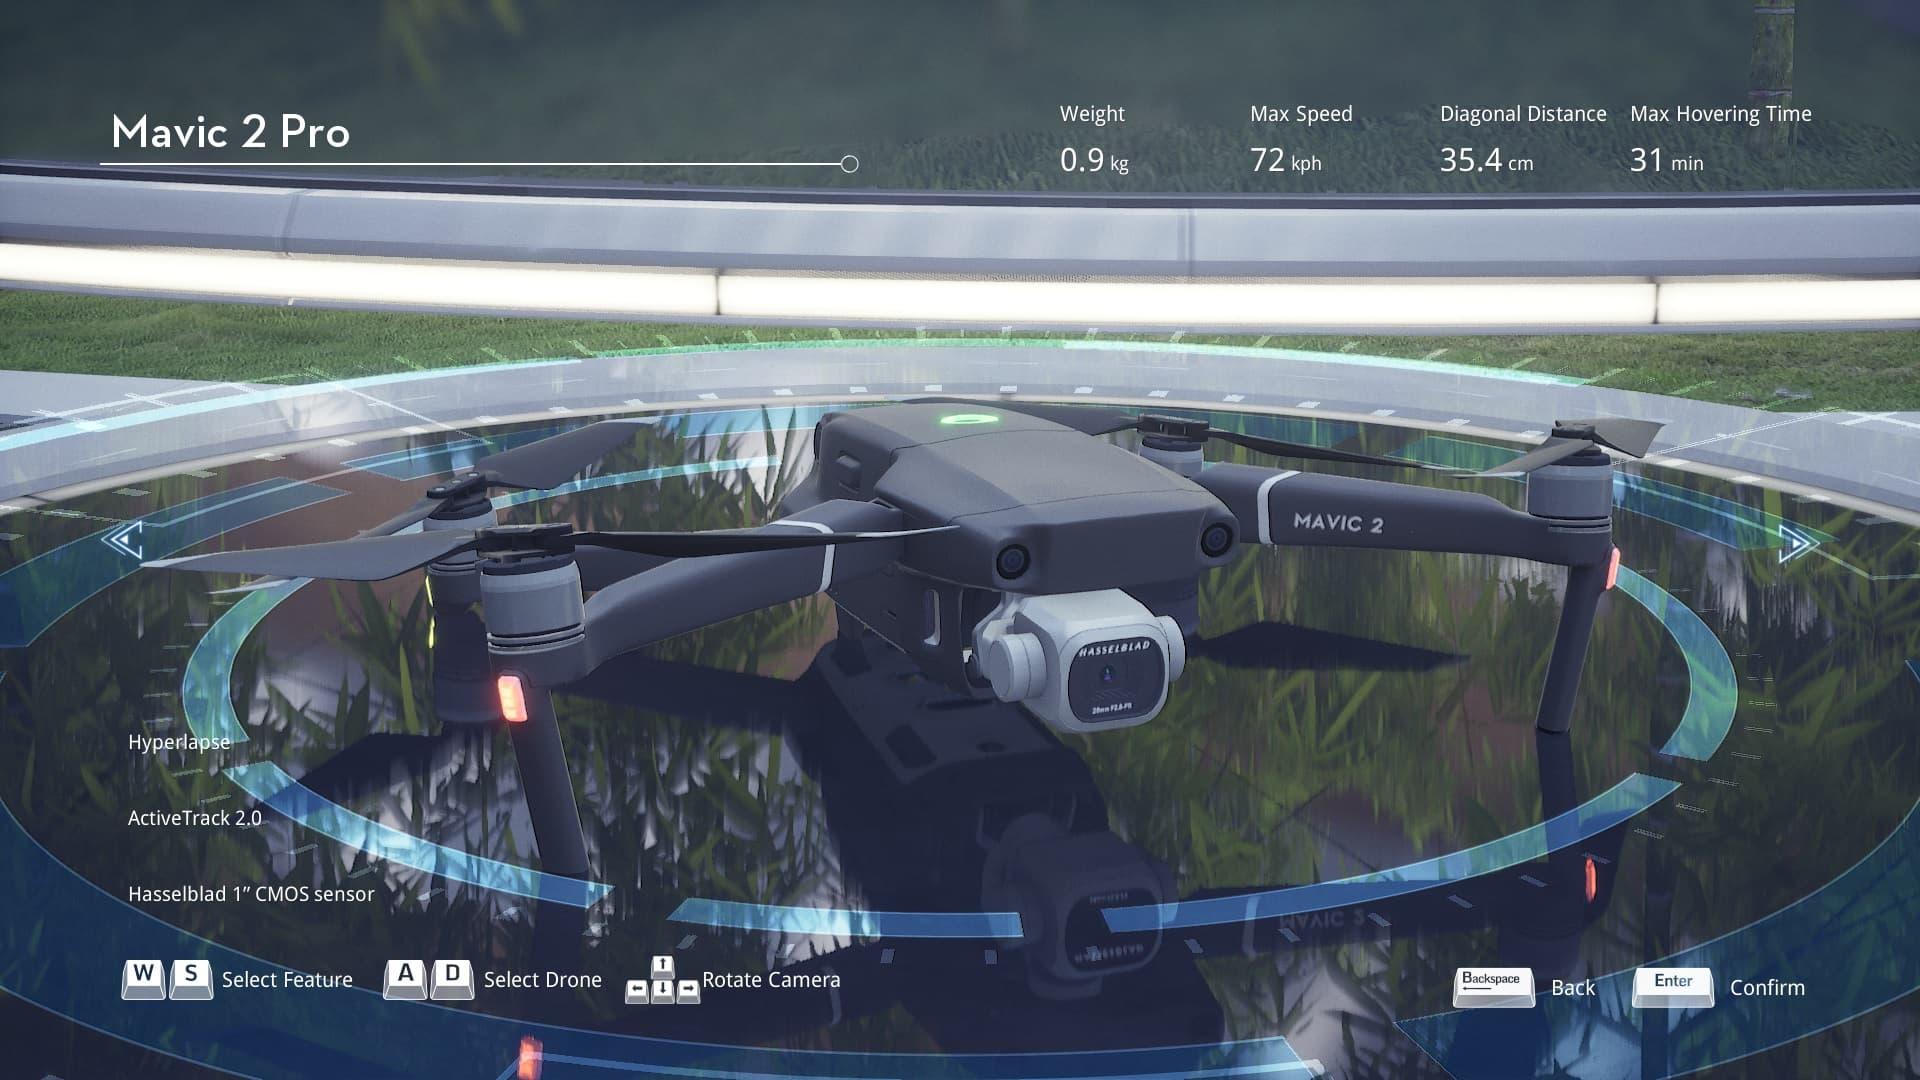 DJI Adds New Aircraft and Environments to DJI Simulator